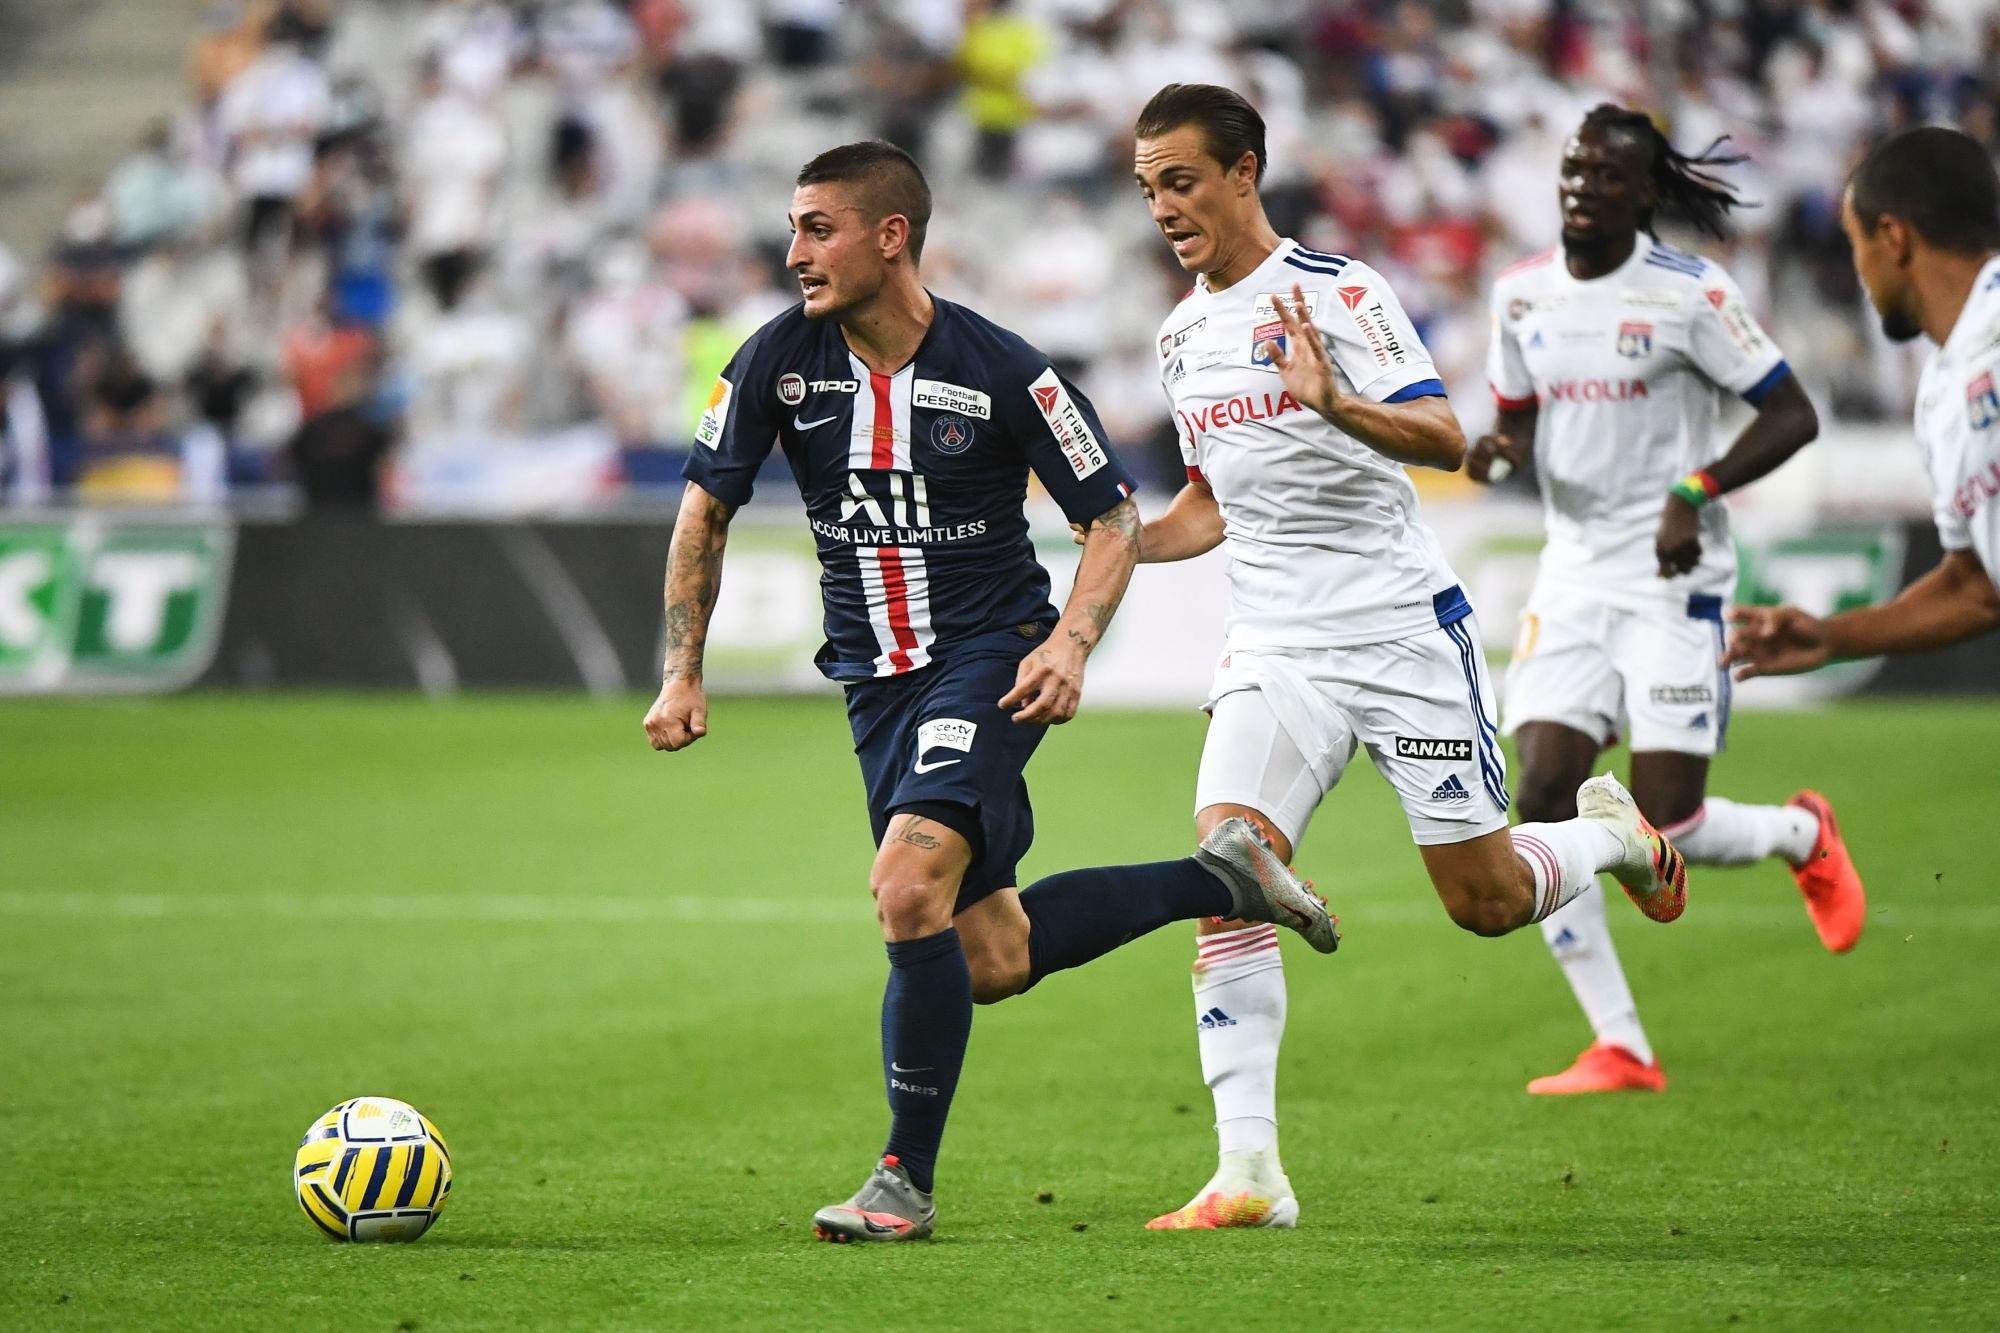 PSG/OL - Verratti élu joueur du match par les supporters parisiens